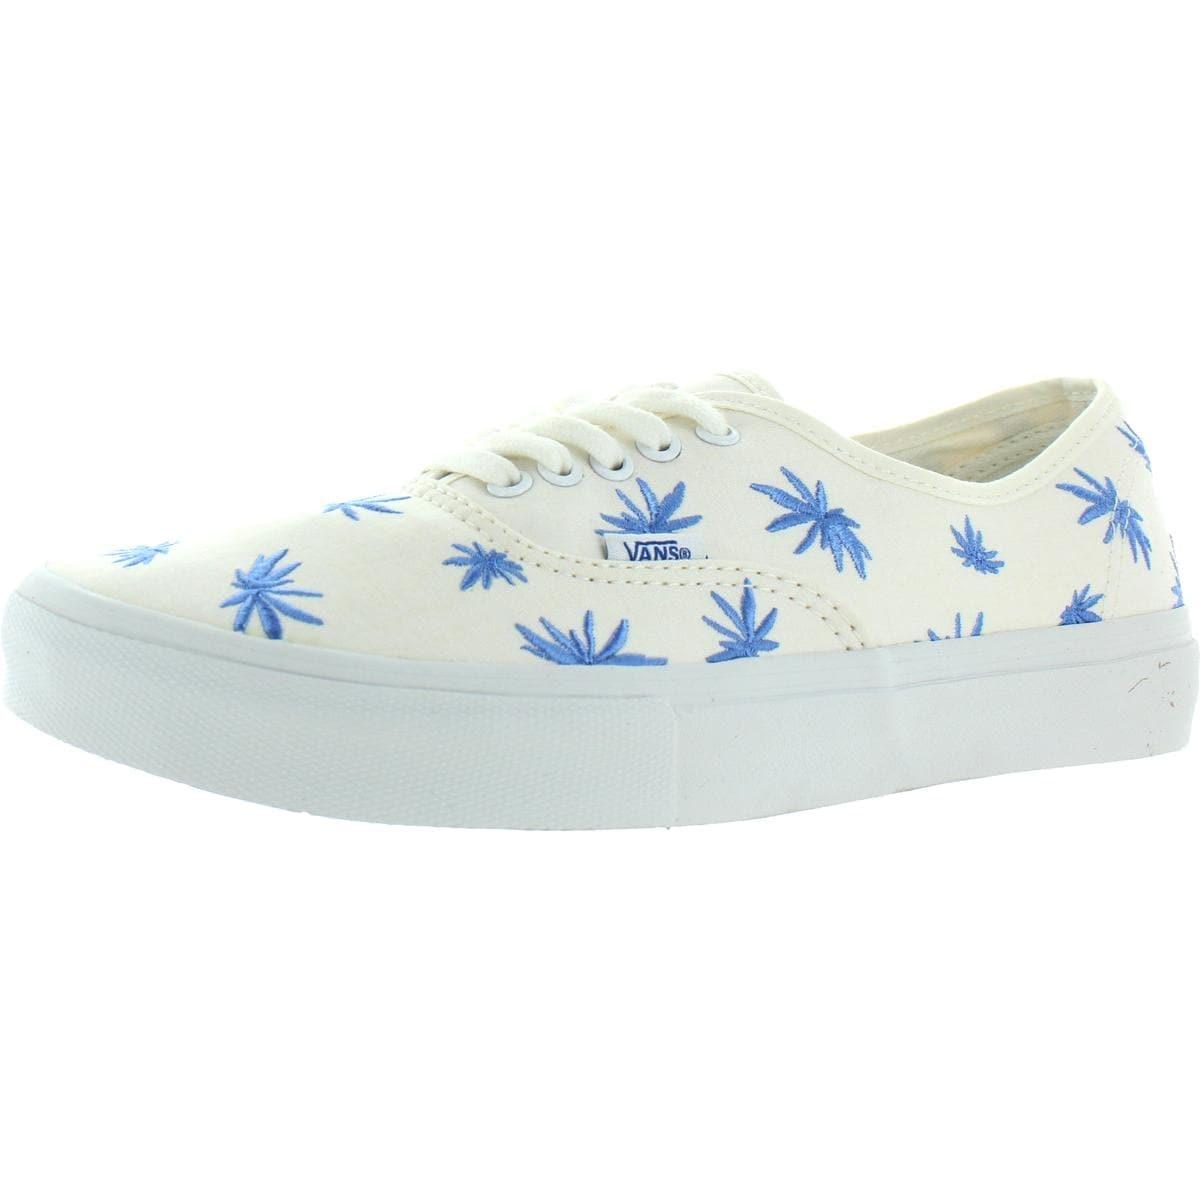 Vans Mens Authentic LX Skate Shoes Low Top Embroidered Palm EmbroideryBlc de Blc 8 Medium (D)